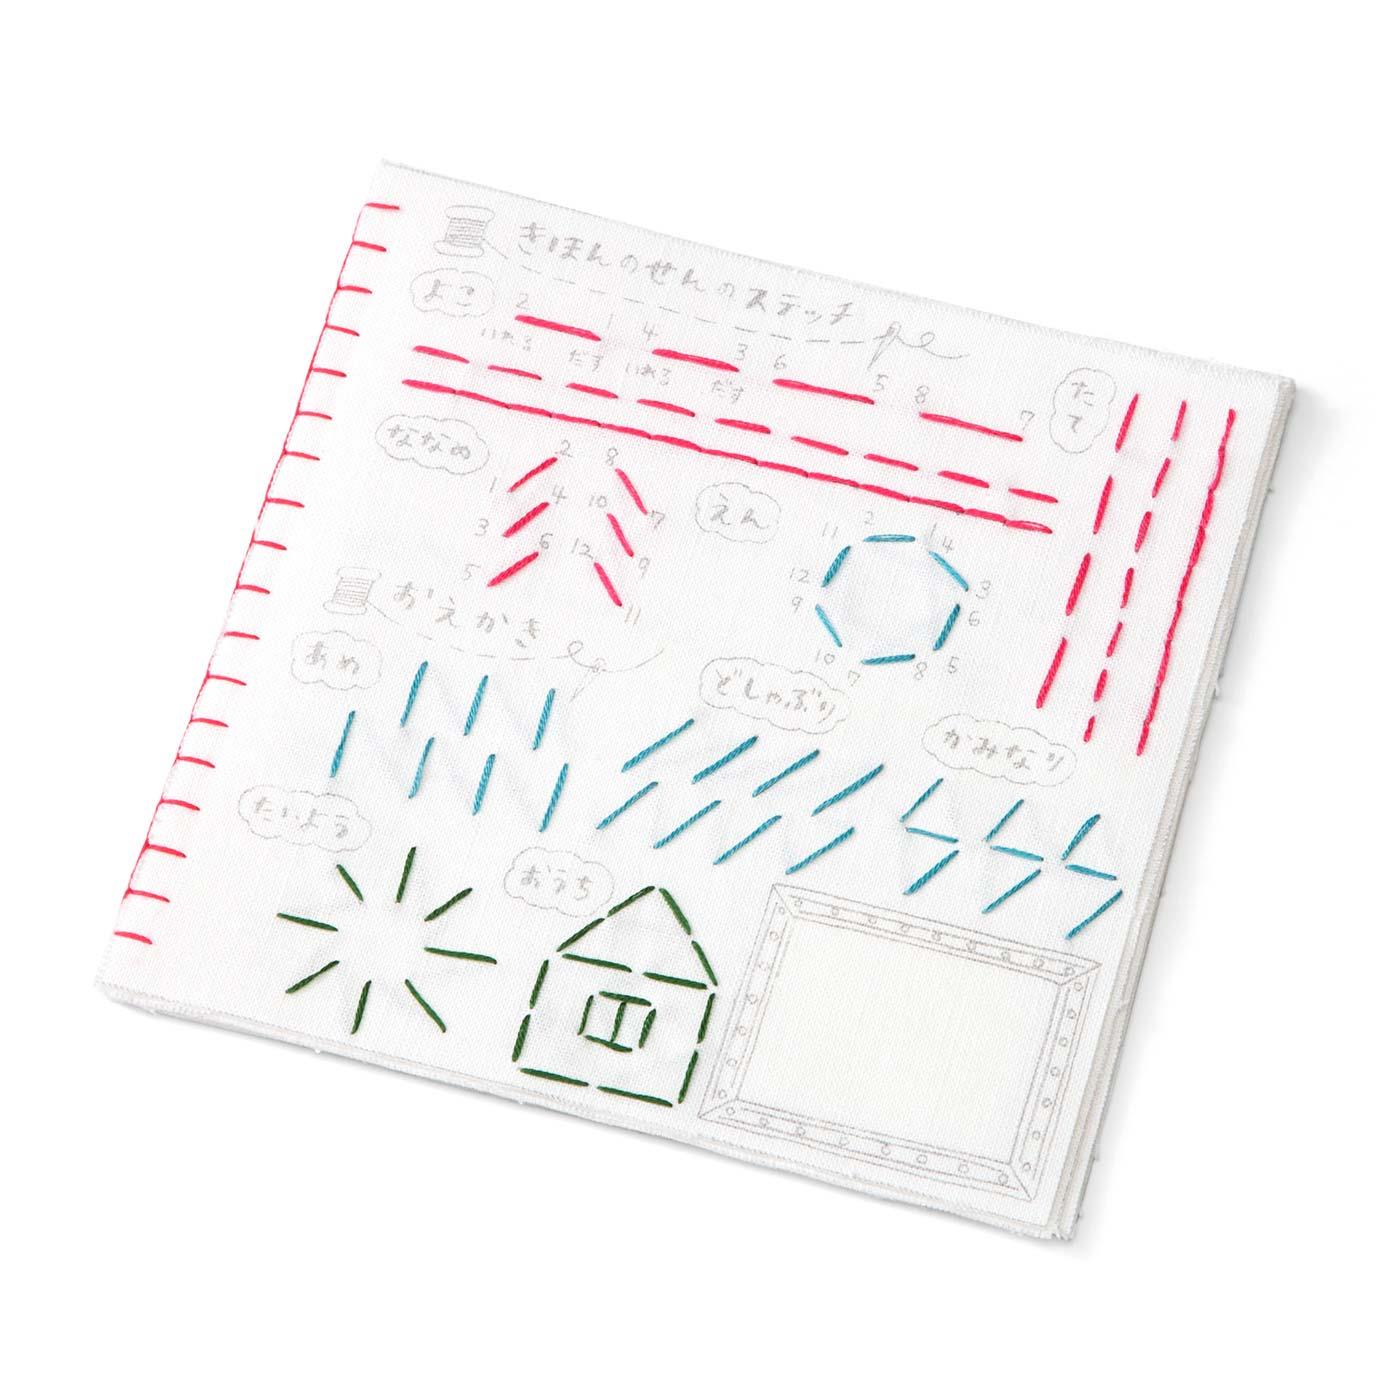 毎回練習した後のレッスンクロスはとじ合わせてステッチ見本帳に。見返しておさらいできます。